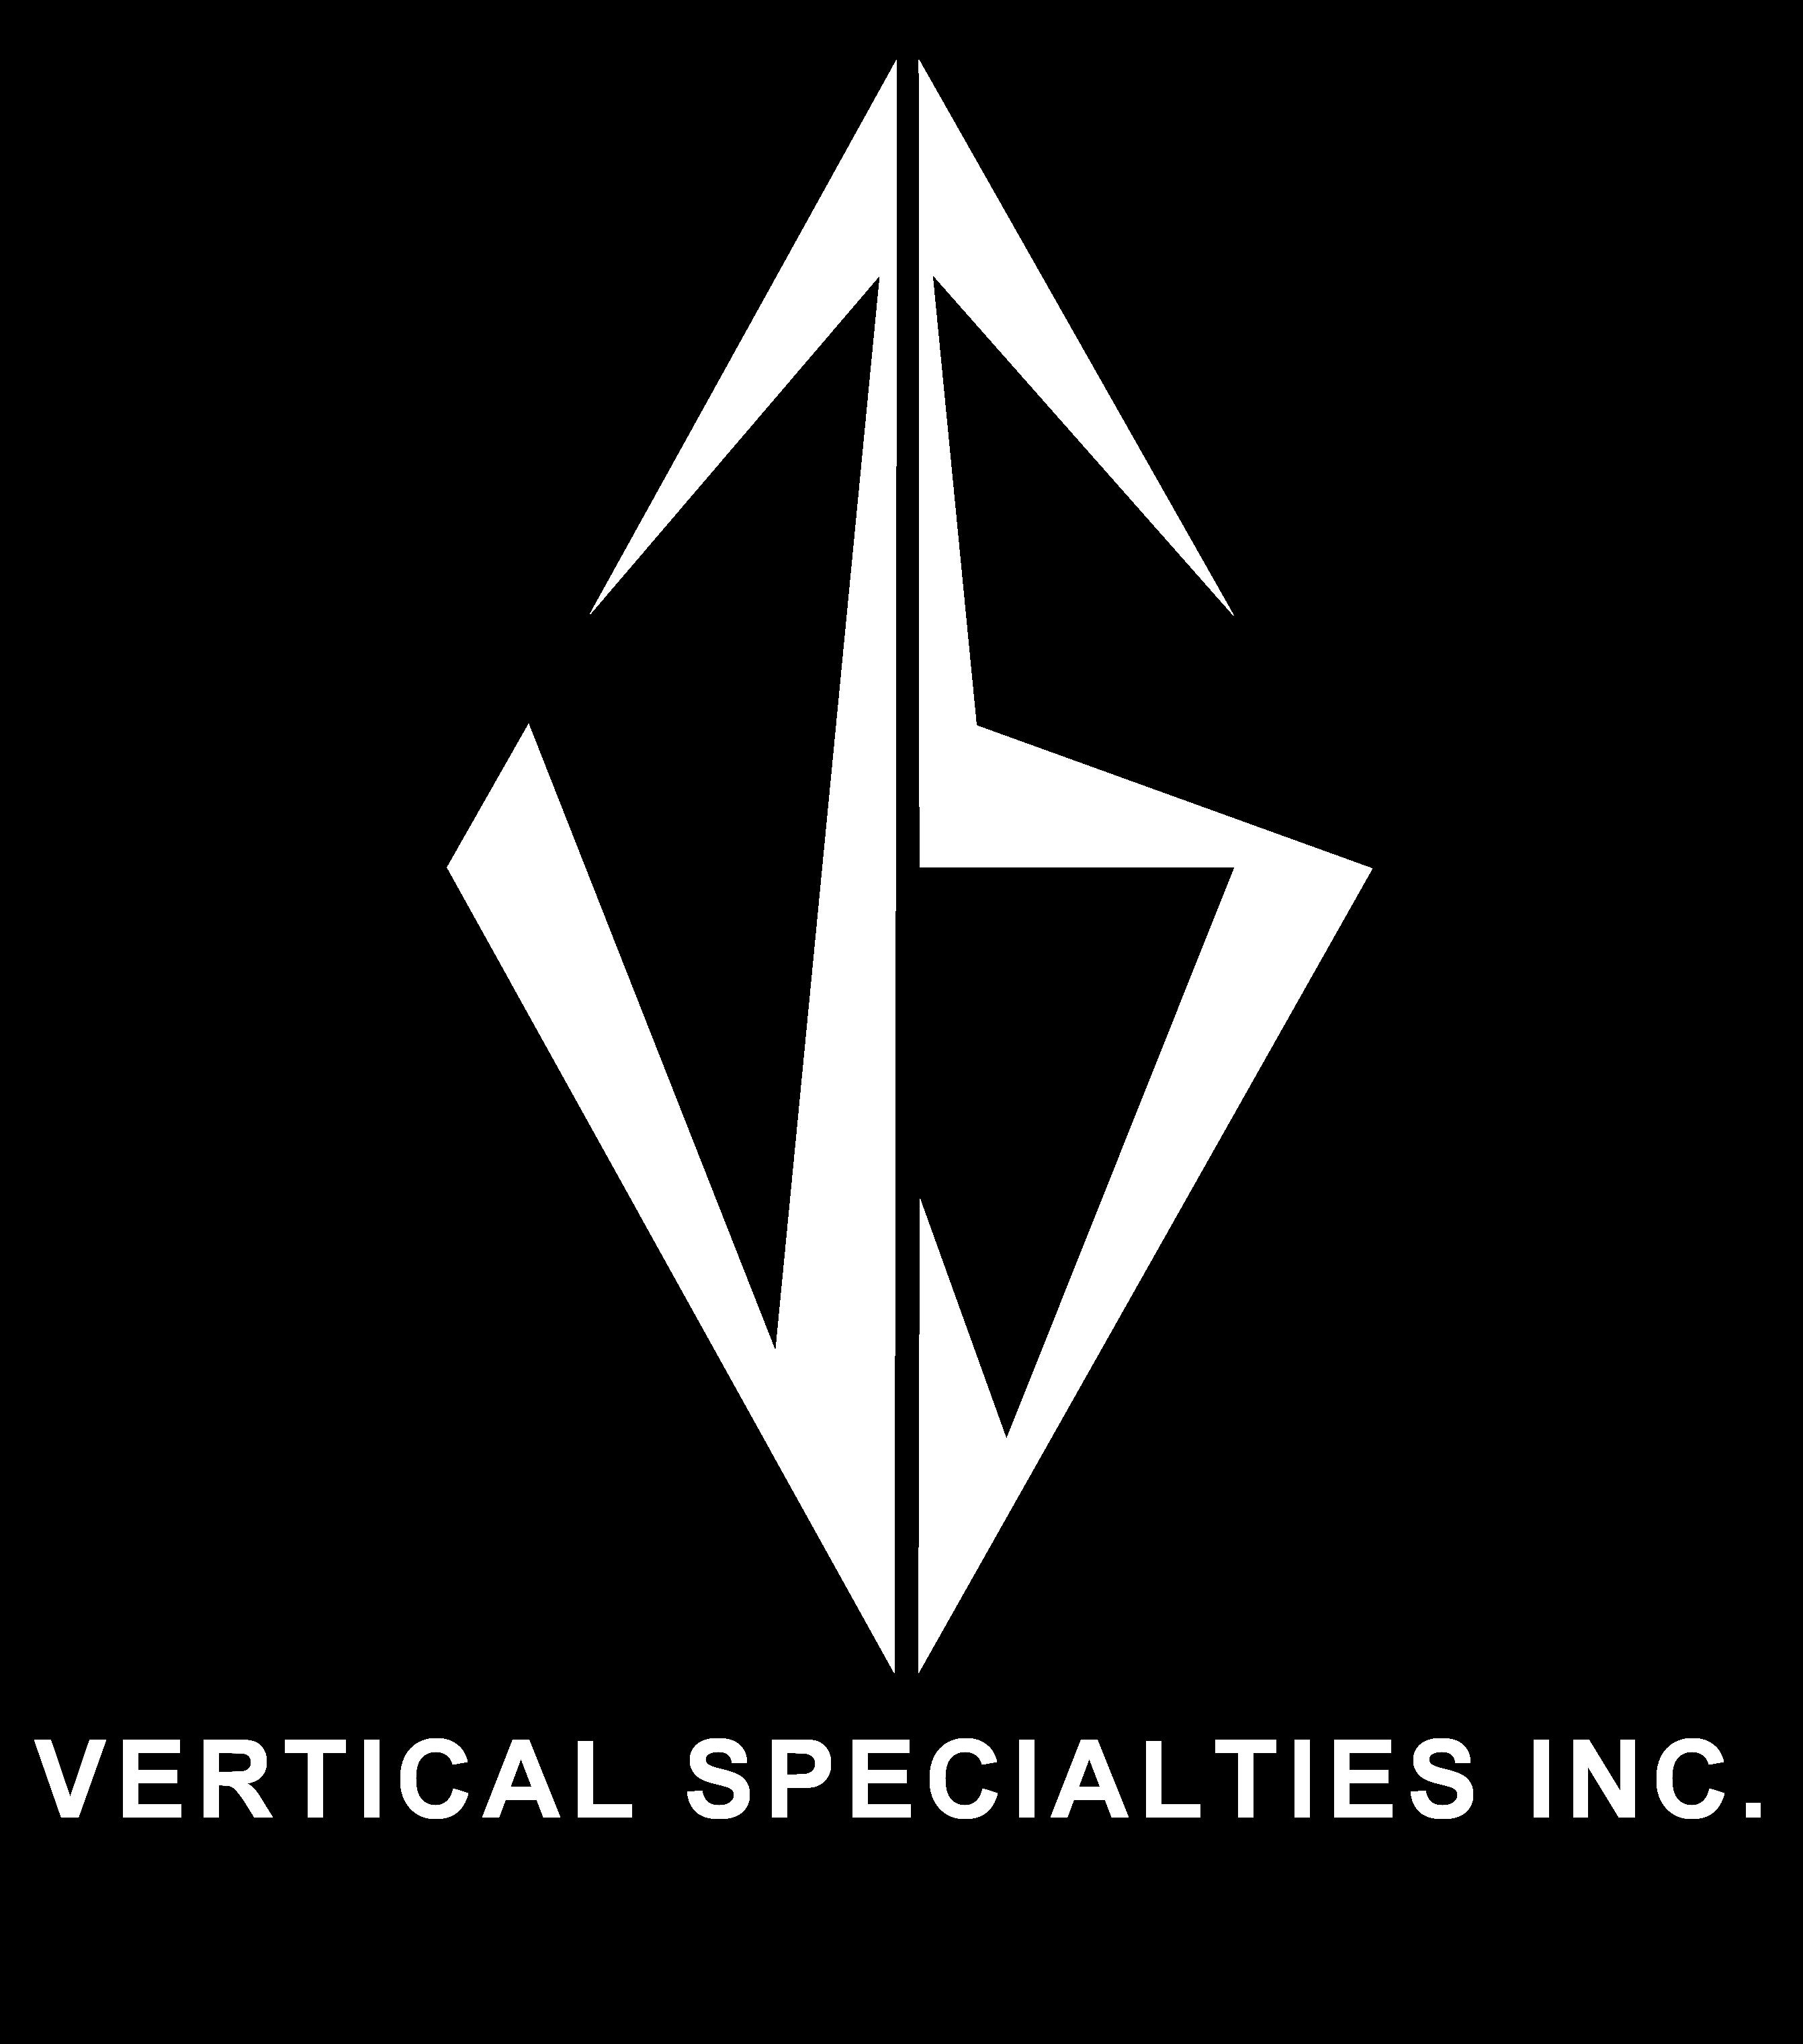 VERTICAL SPECIALTIES INC.